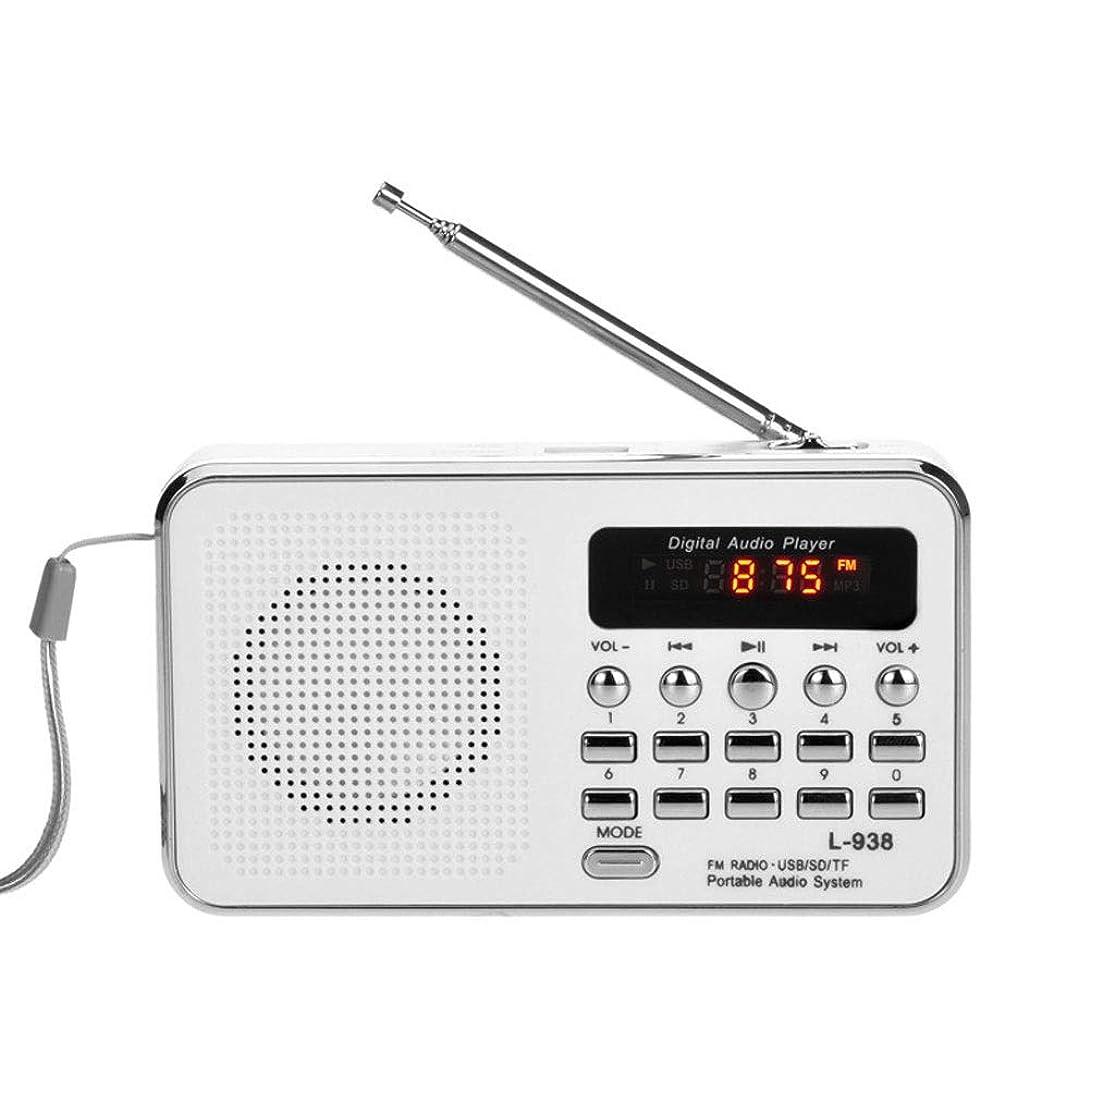 テスピアンショルダー鋼TBTUA ポータブルラジオ、ポータブルFMラジオ、短波ラジオ、最高の受信サポート付きSDカードUSBドライバAUX入力MP3プレーヤー充電式バッテリー (Color : White)